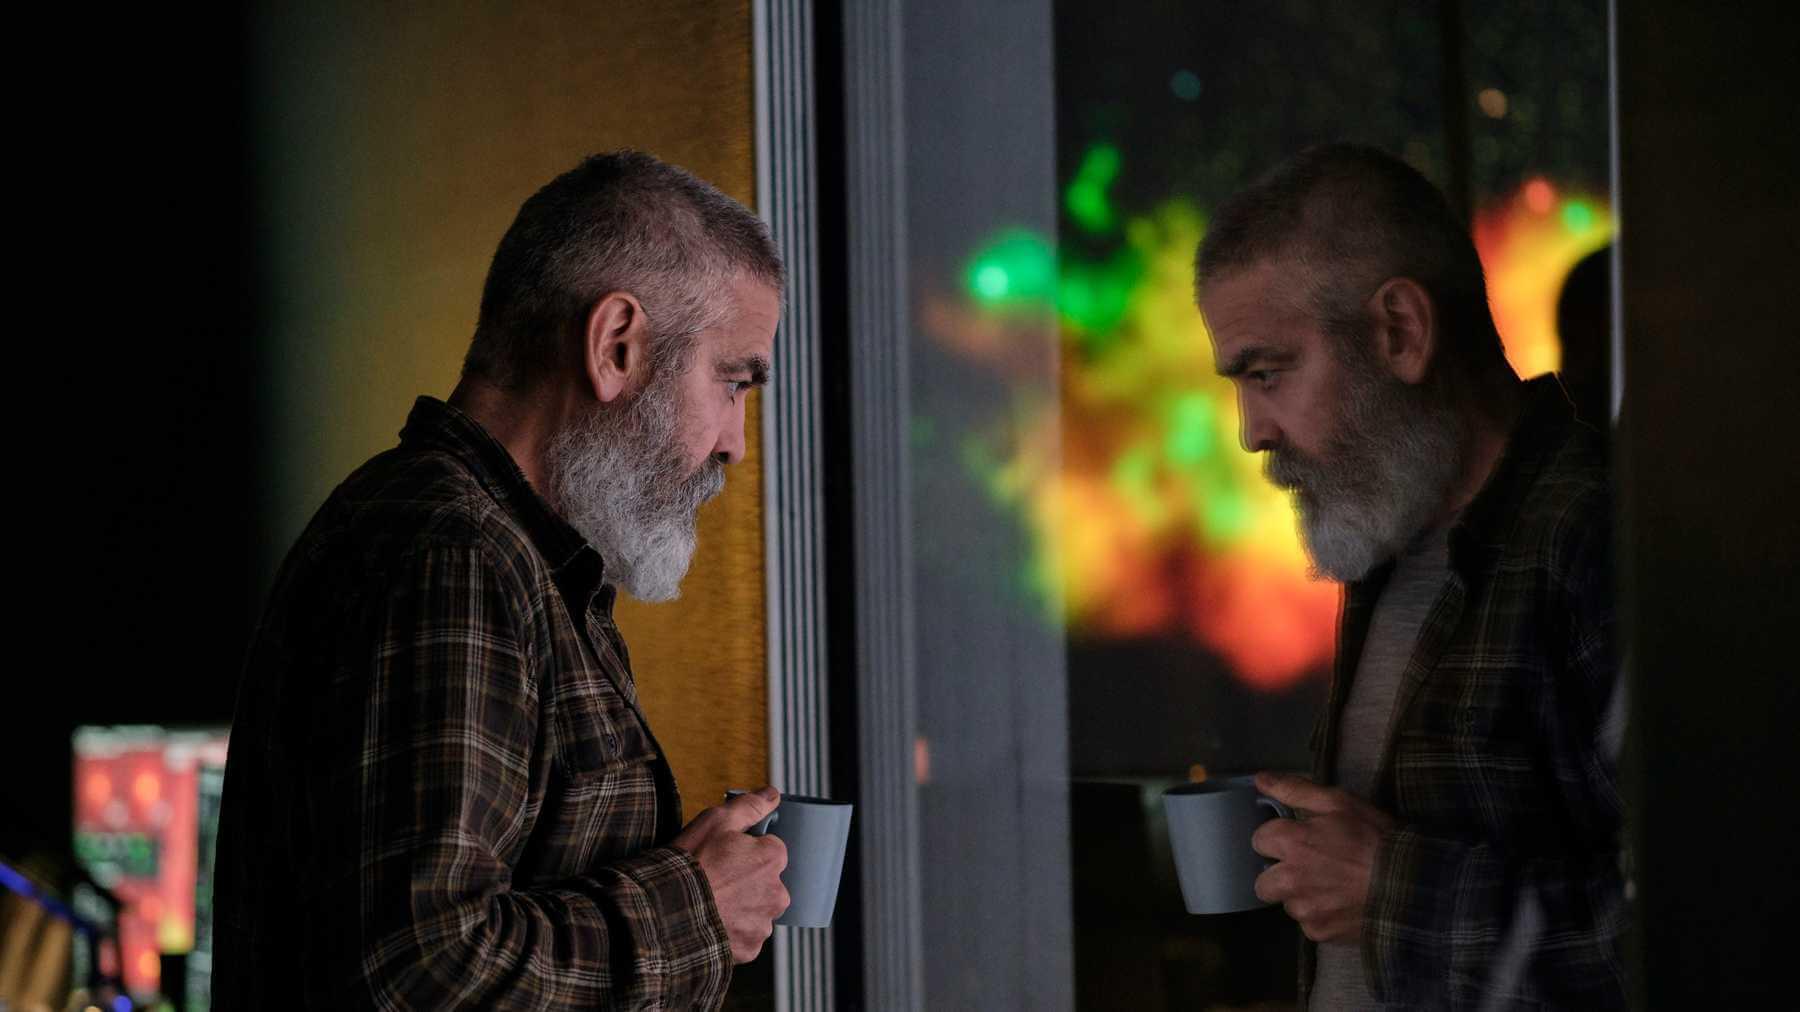 آسمان نیمه شب Midnight Sky جدیدترین ساخته جورج کلونی بر روی شبکه نتفلیکس